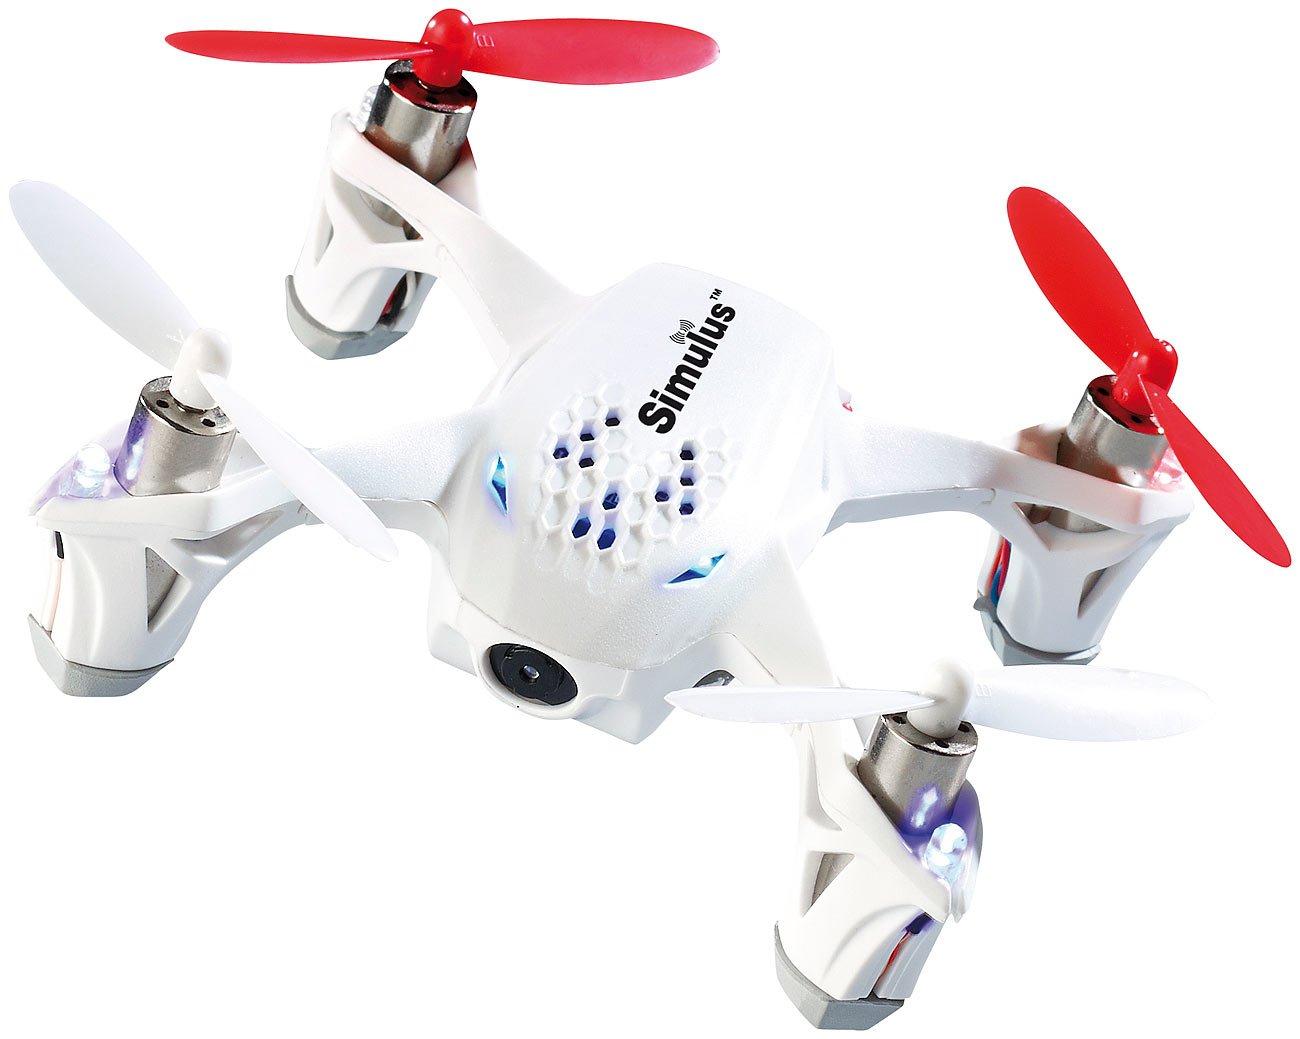 Simulus 4-CH-Quadrocopter GH-4.LIVE mit FPV-Kamera & Remote-Monitor